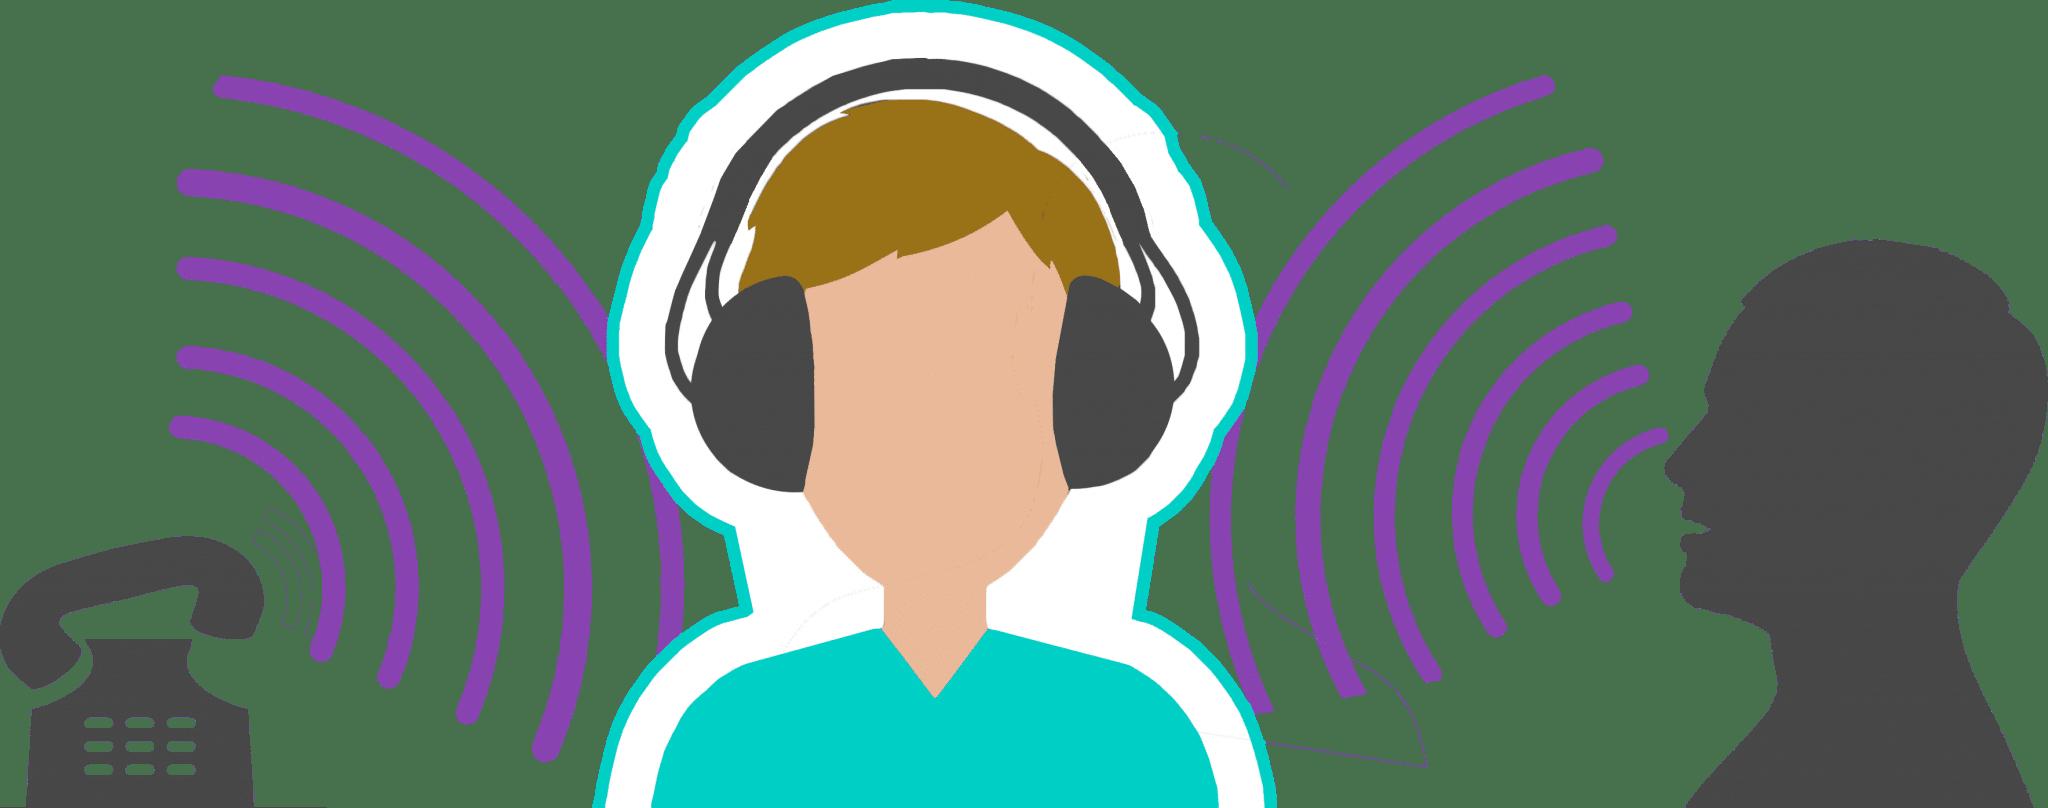 Sound masking noise cancellation